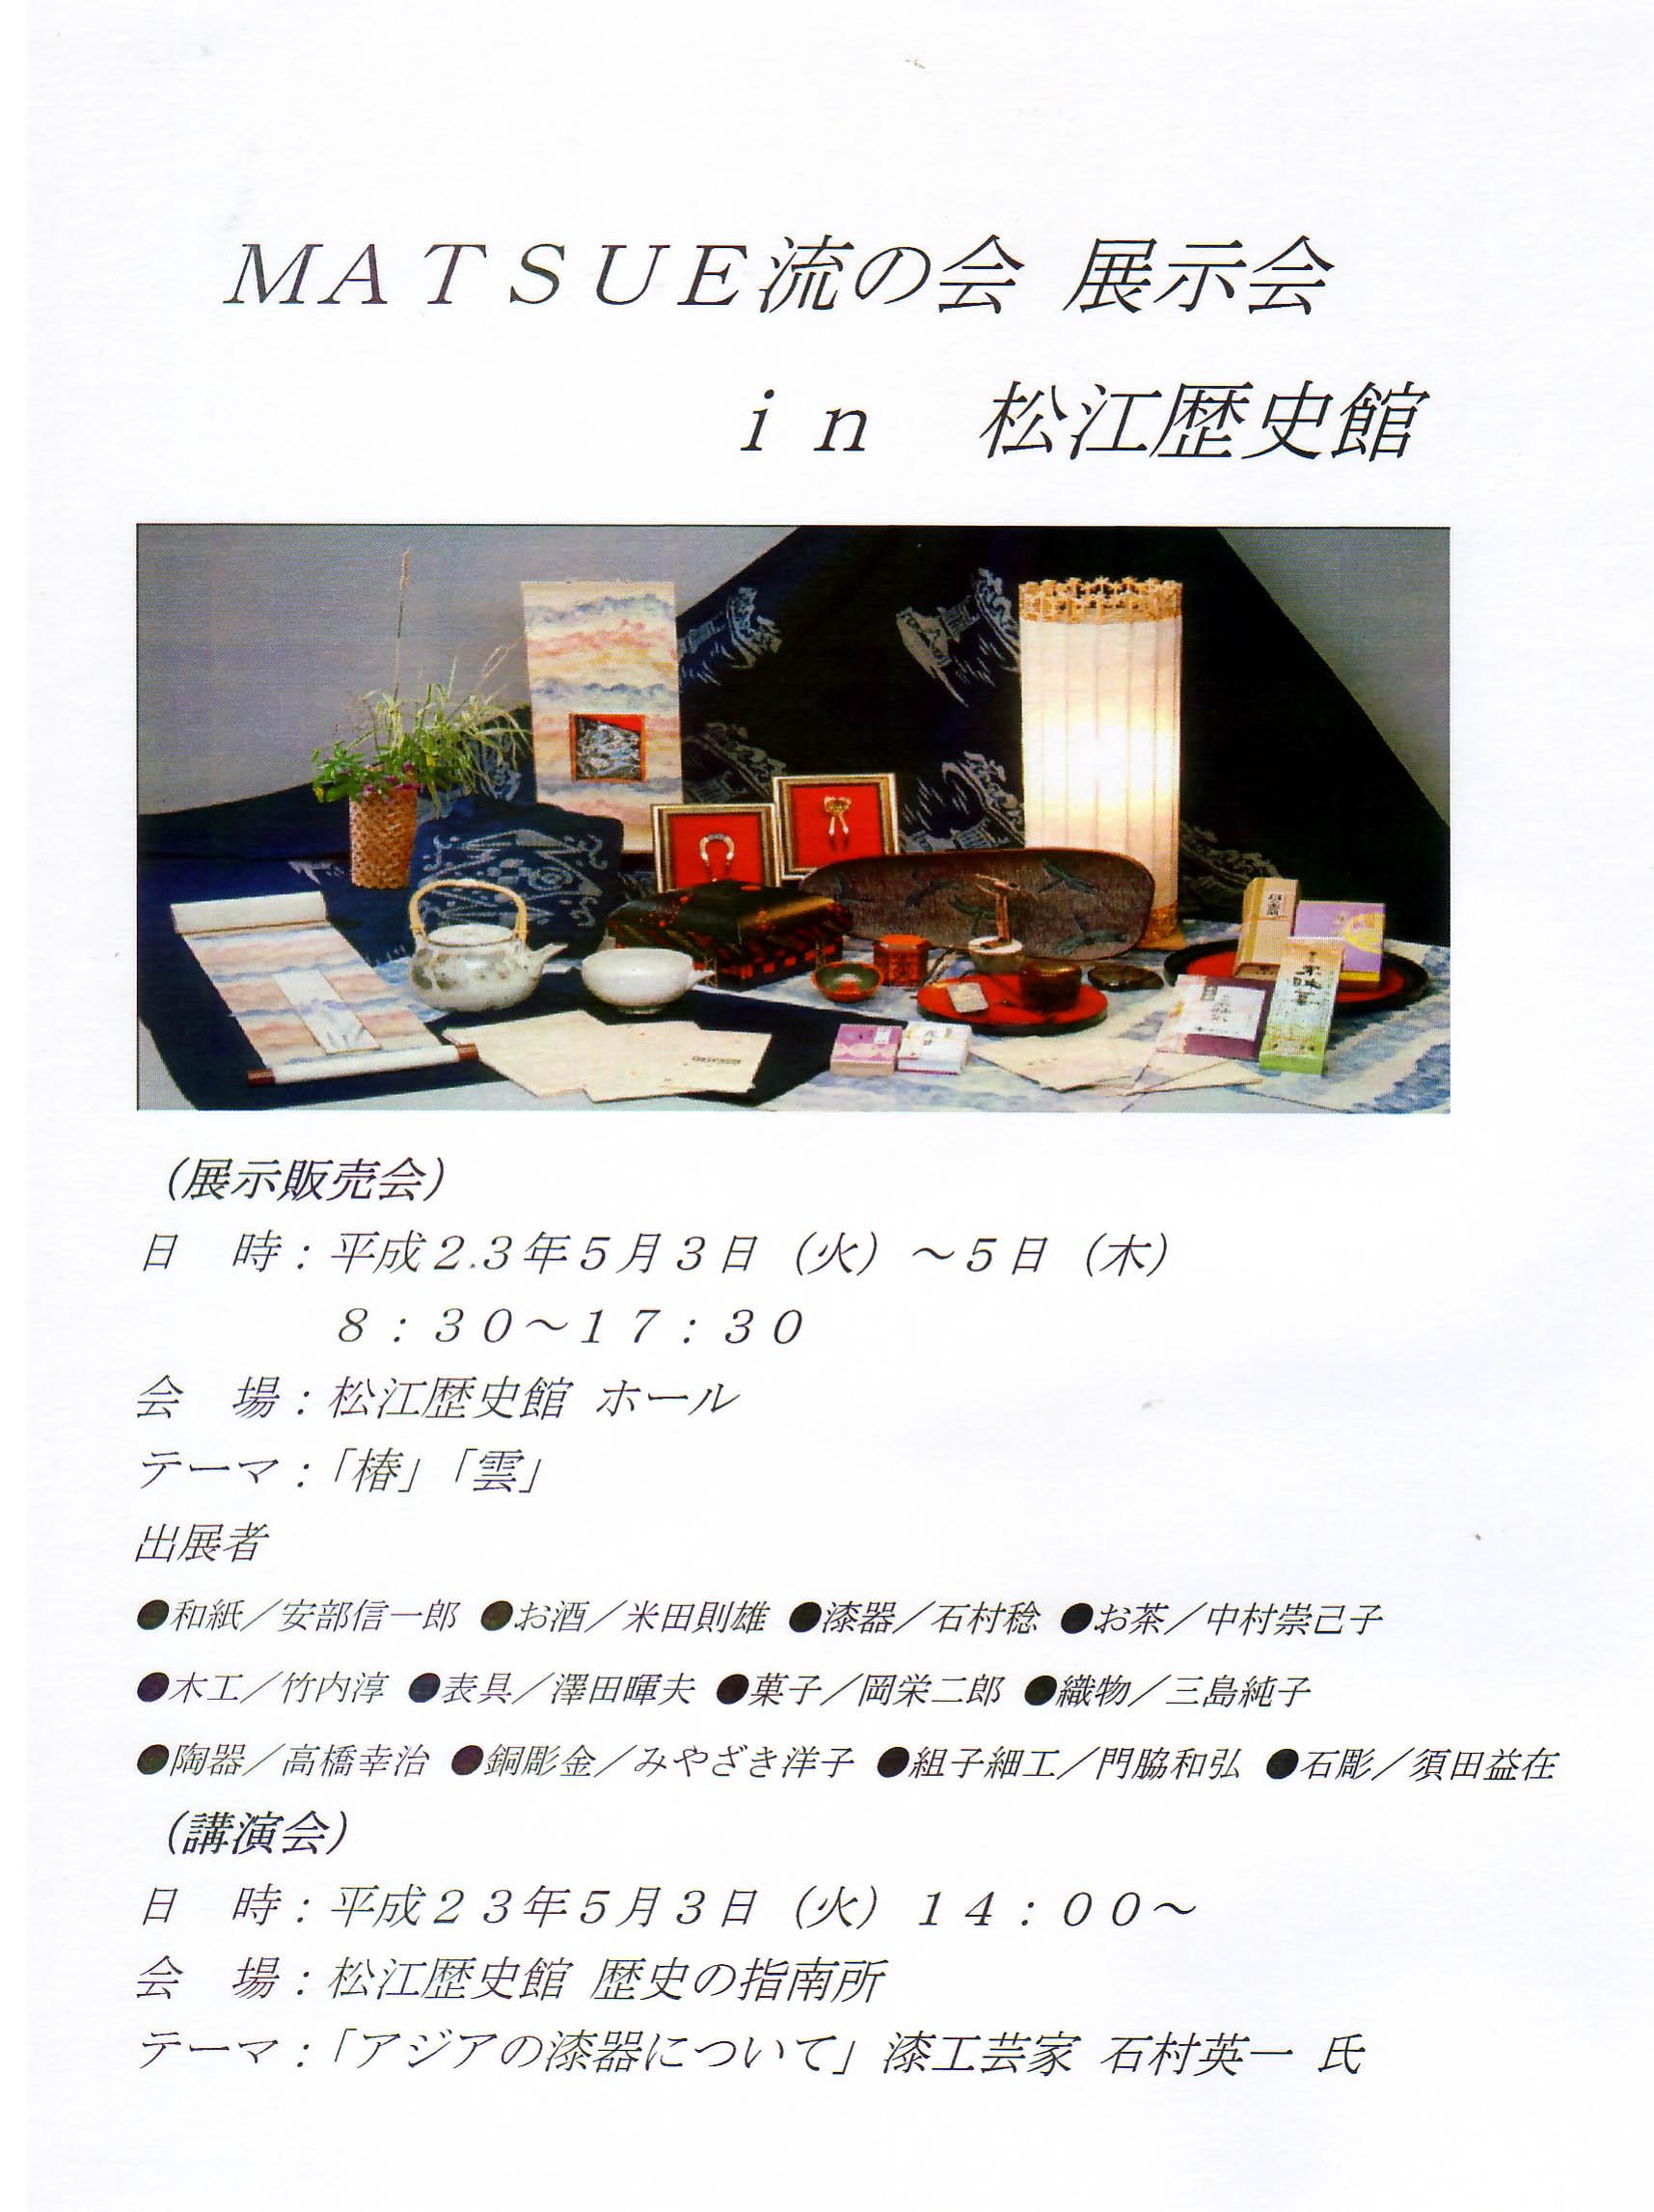 2011年5月 MATSUE流の会展示会 松江歴史館.jpg